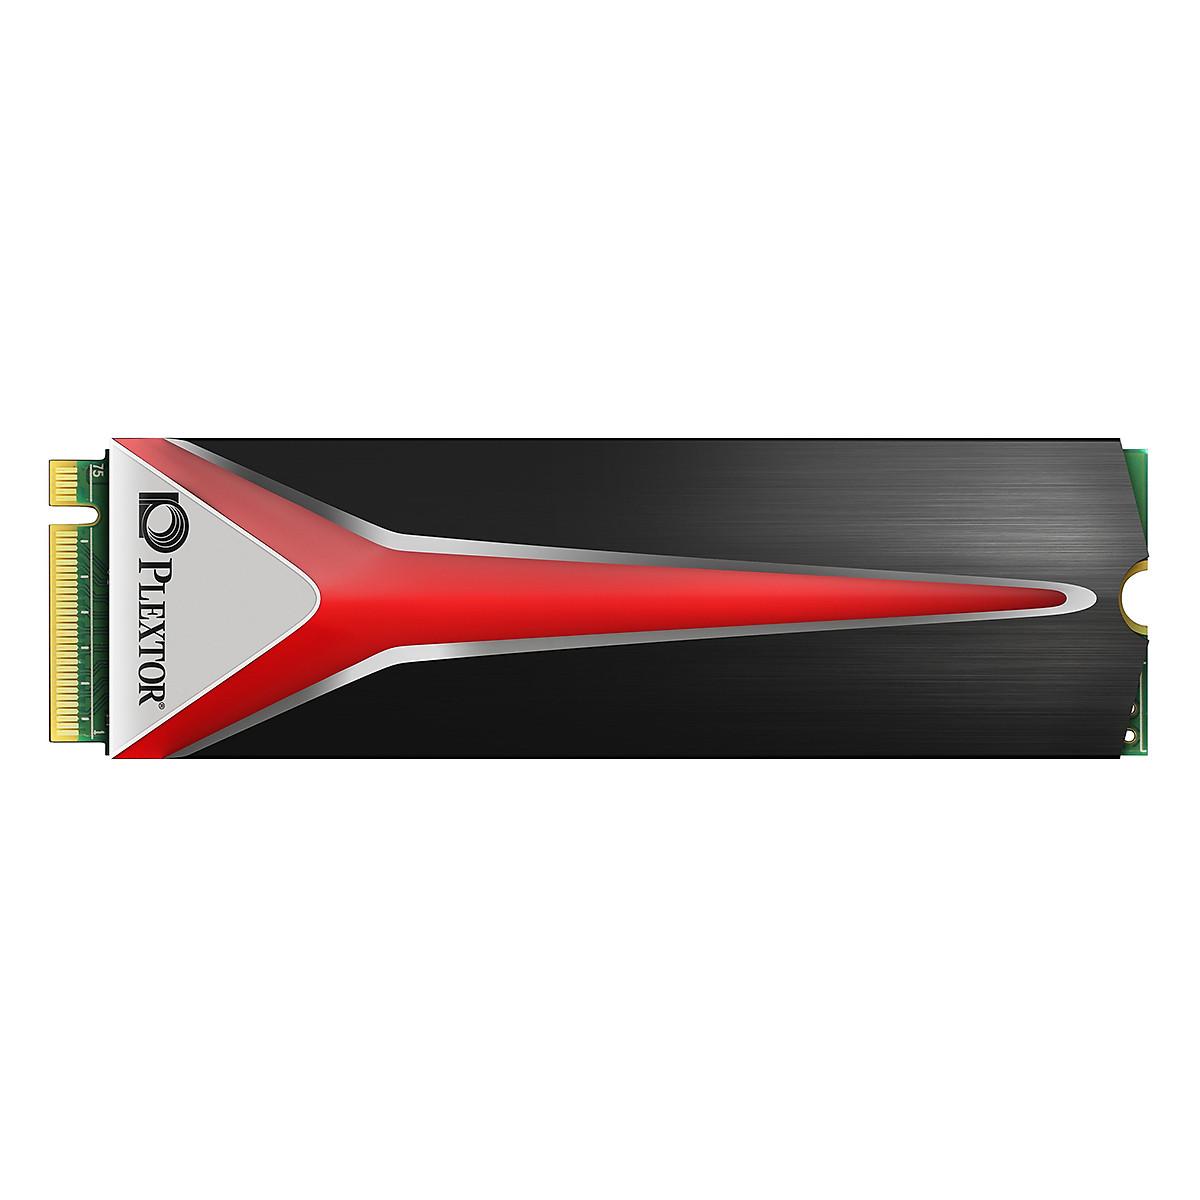 Ổ Cứng SSD Plextor M8PeG 1TB – PX-1TM8PEG – Hàng Chính Hãng